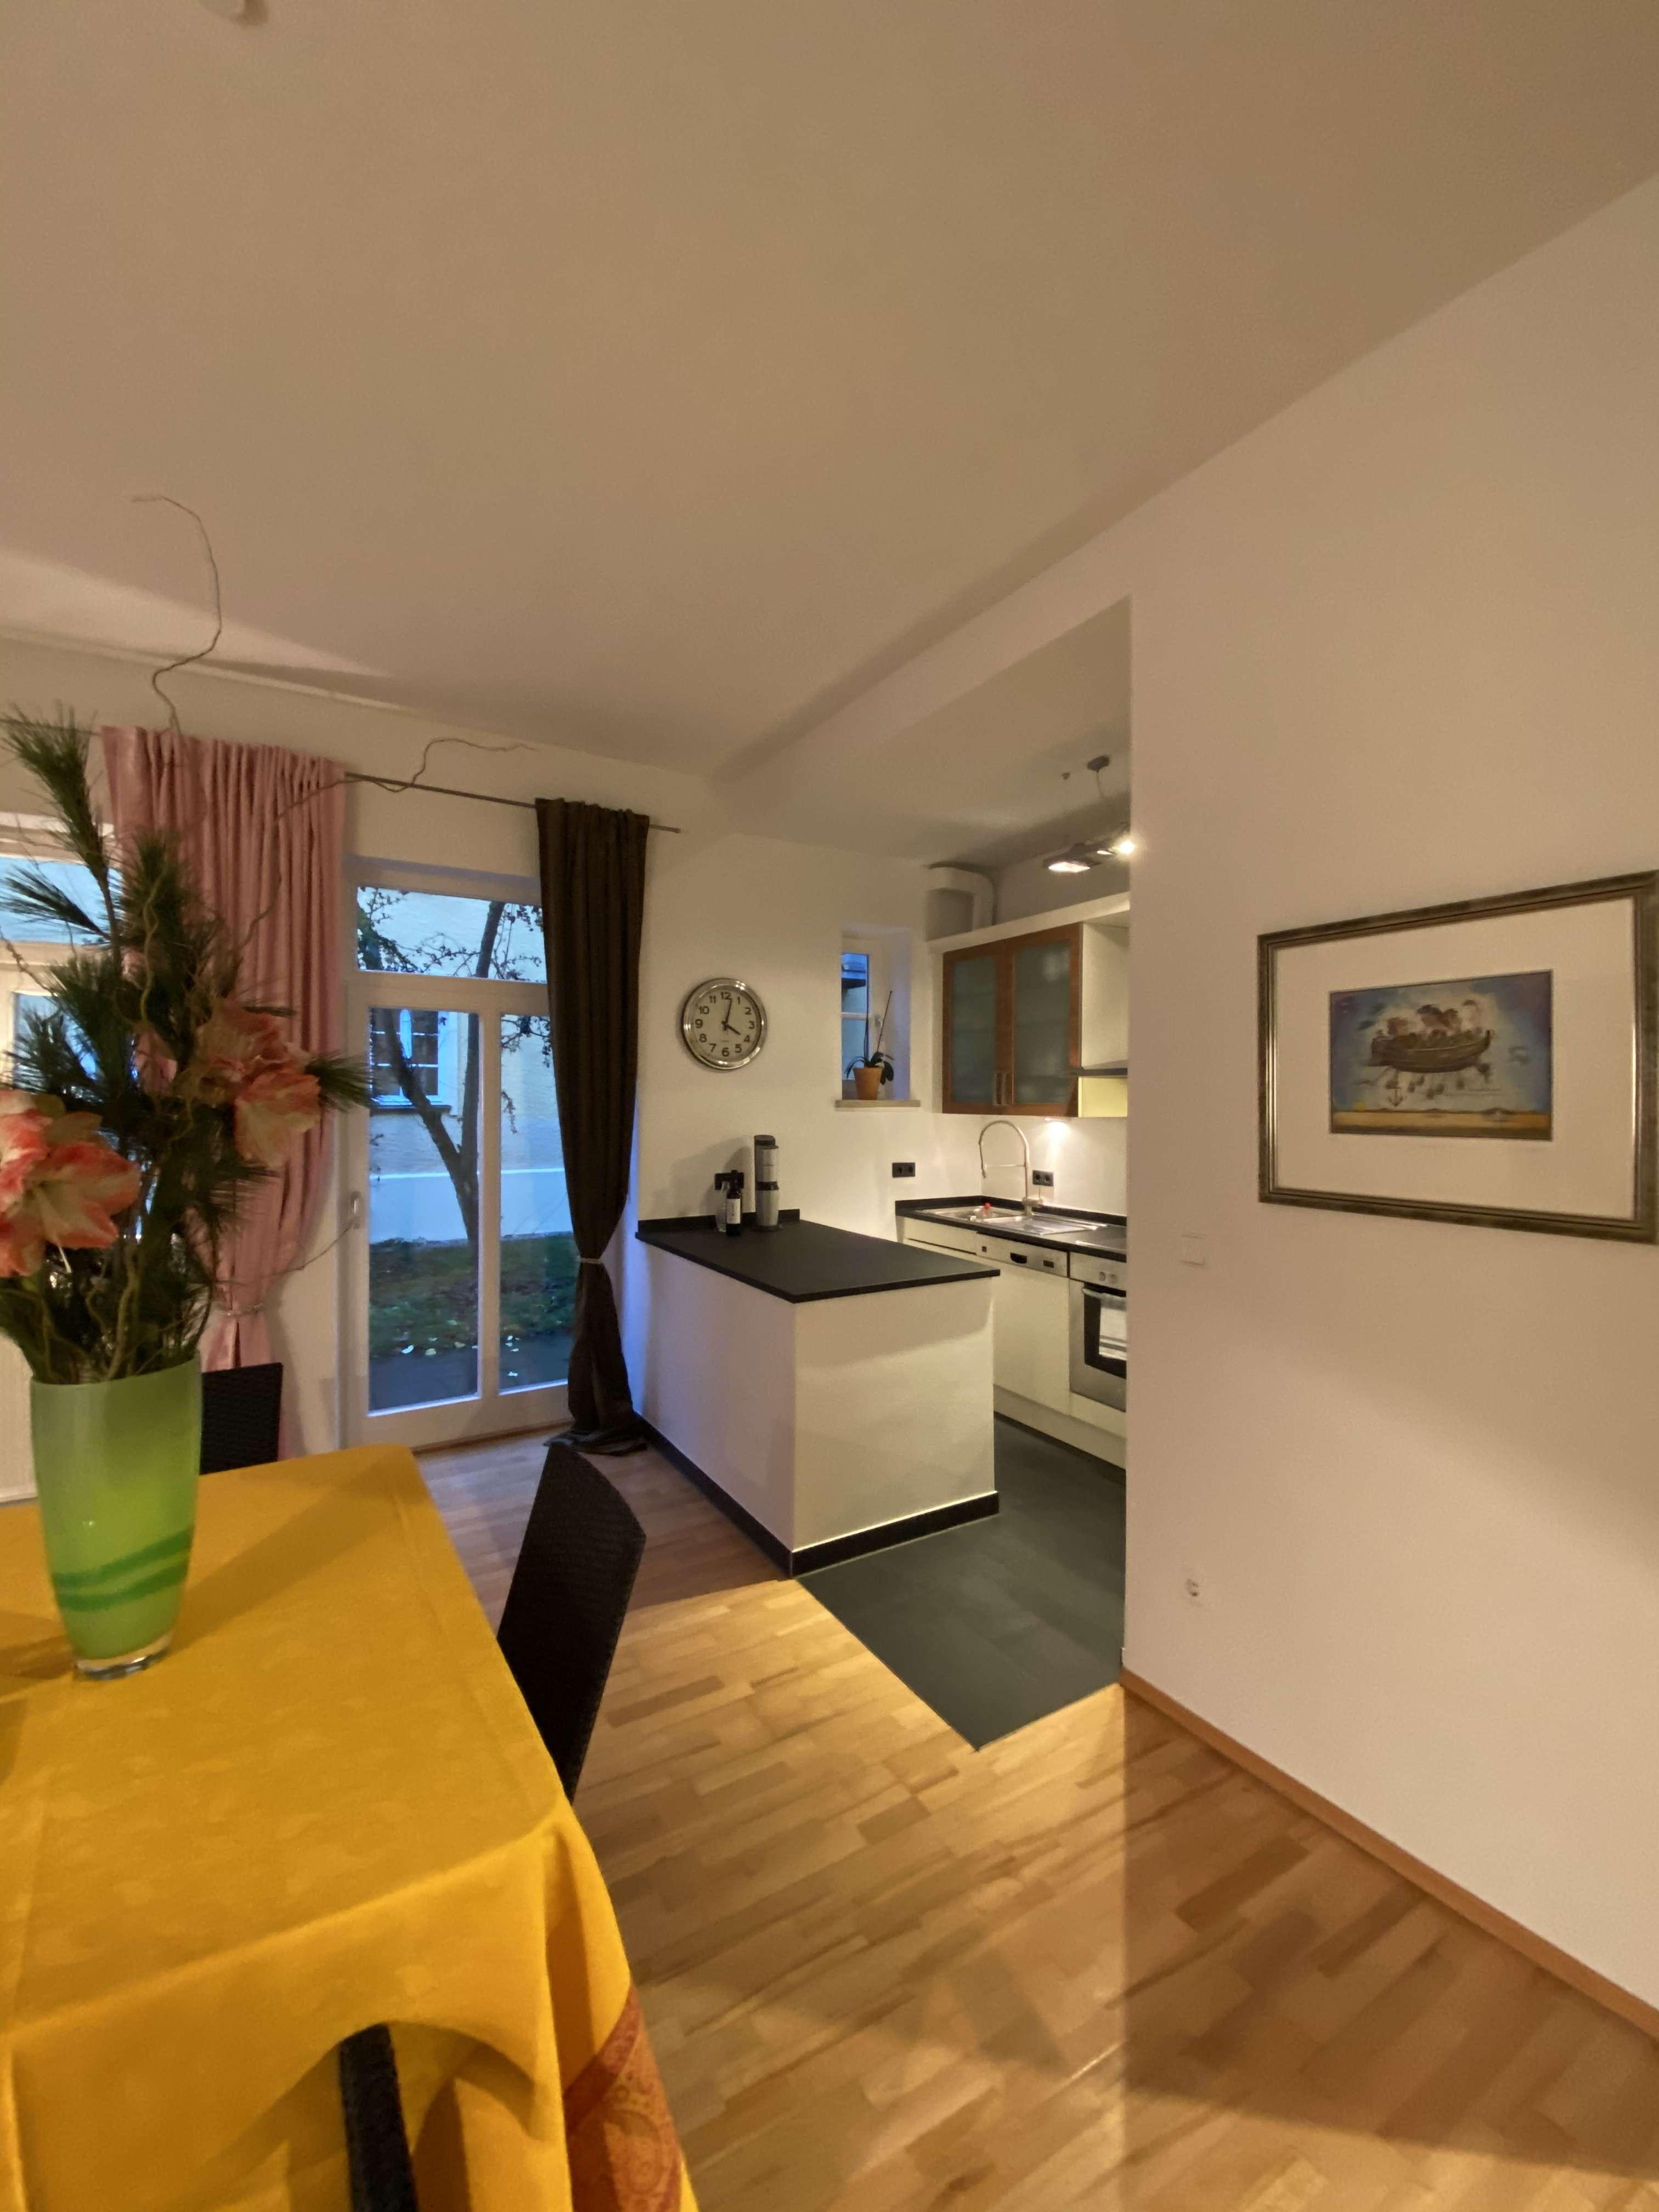 komplett möblierte, sehr ruhige Erdgeschosswohnung, gr.Terrasse und Garten neben Hessingparkklinik in